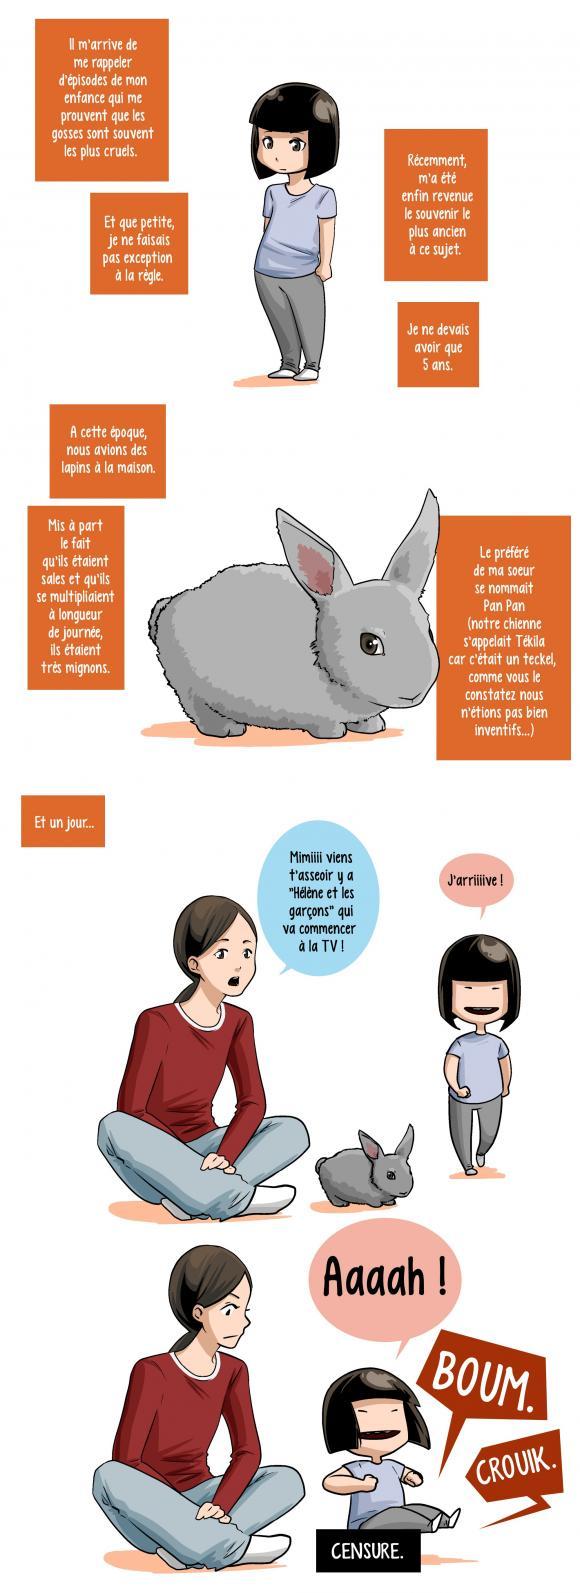 http://laceliah.cowblog.fr/images/Striplife/panpan.jpg